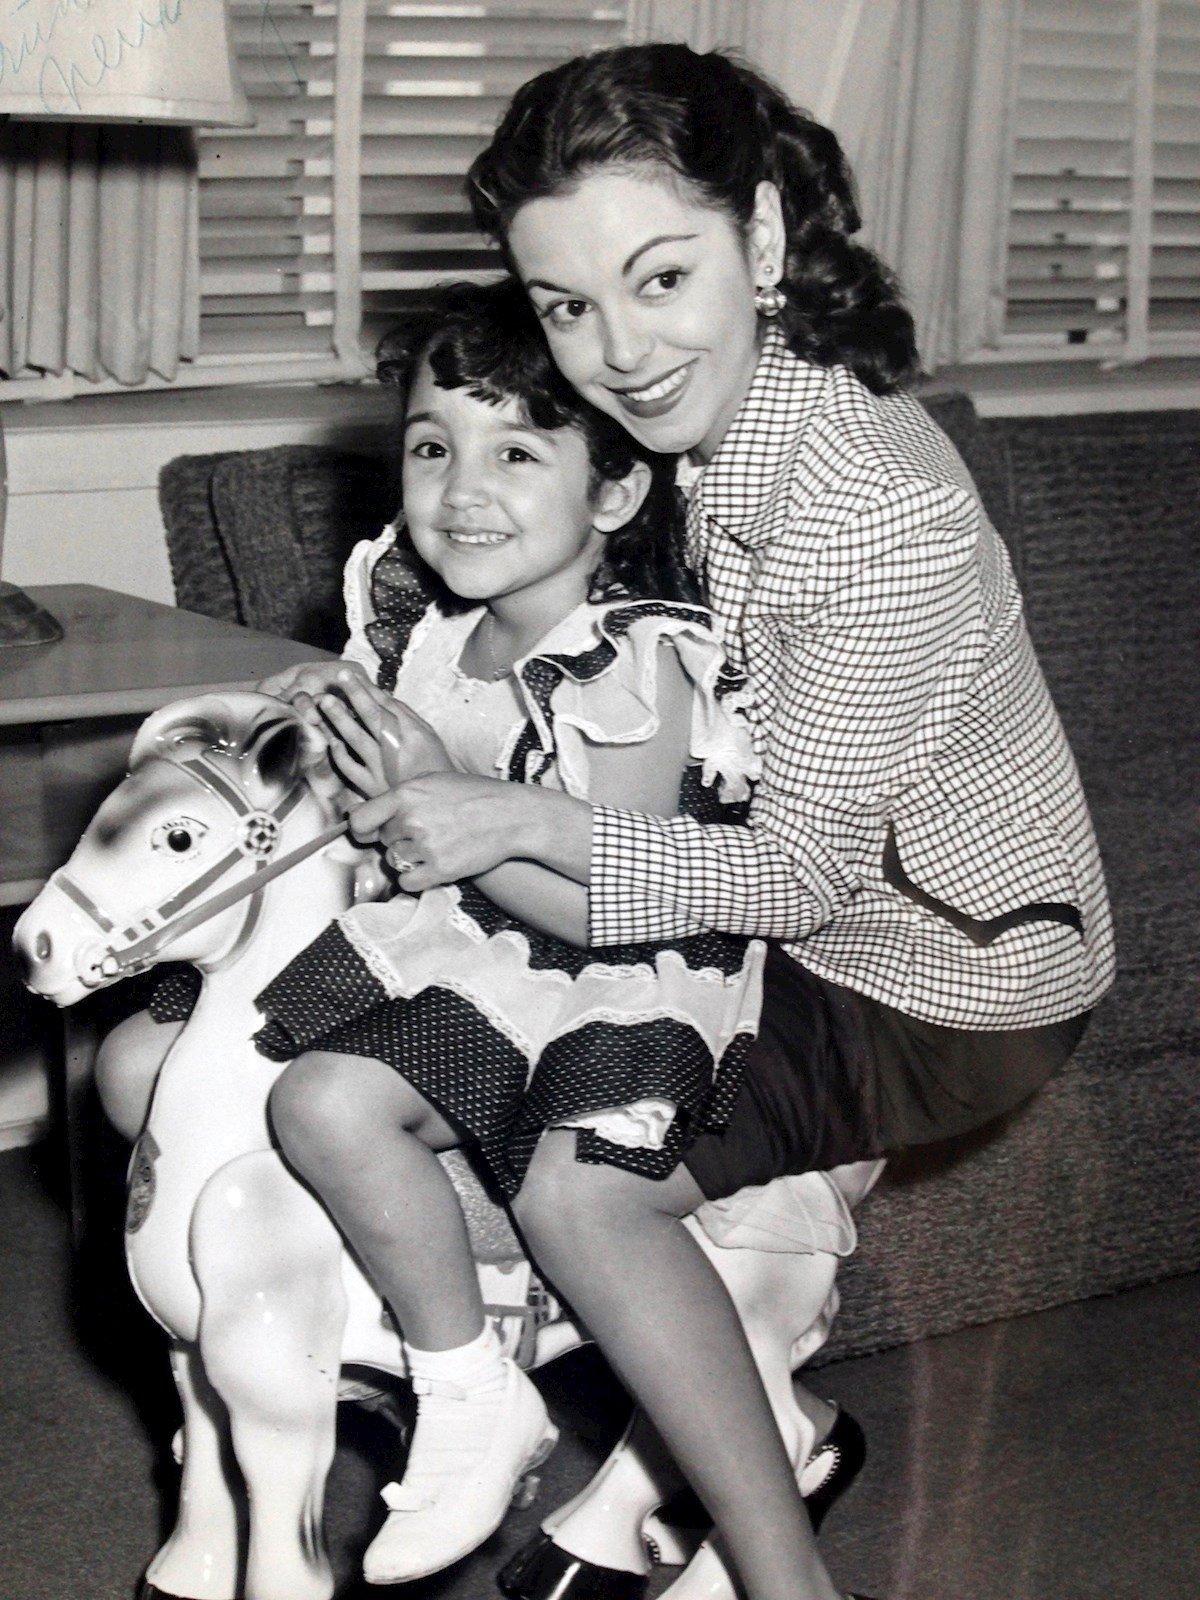 Fotografía personal cedida donde aparece la actriz cubana Estelita Rodríguez (d), mientras abraza a su hija Nina López. Foto: EFE/Nina López/Serena Burdick.